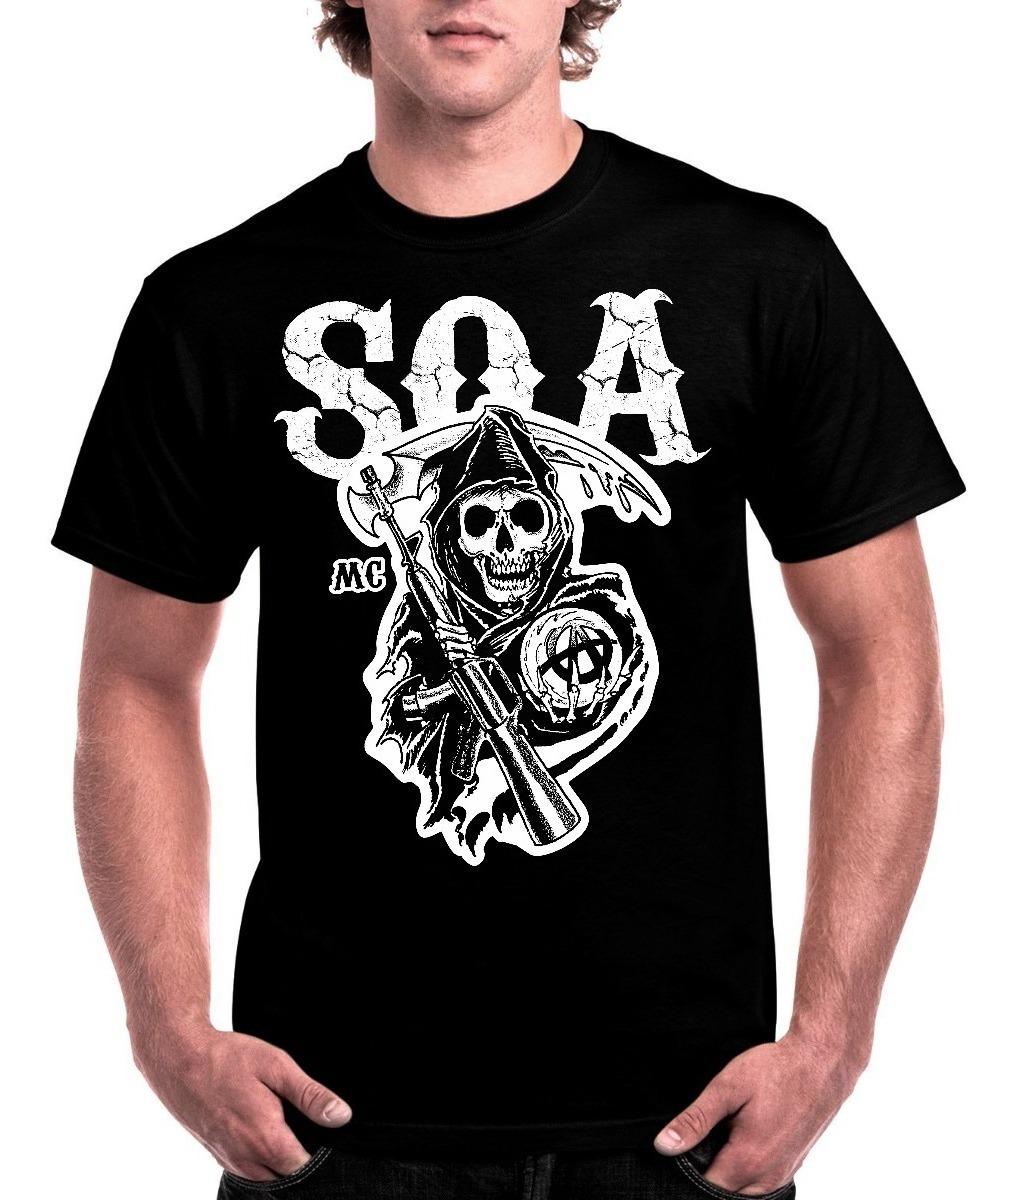 e5bdad55dd6d0 camiseta sons of anarchy filhos da anarquia soa samcro s04. Carregando zoom.